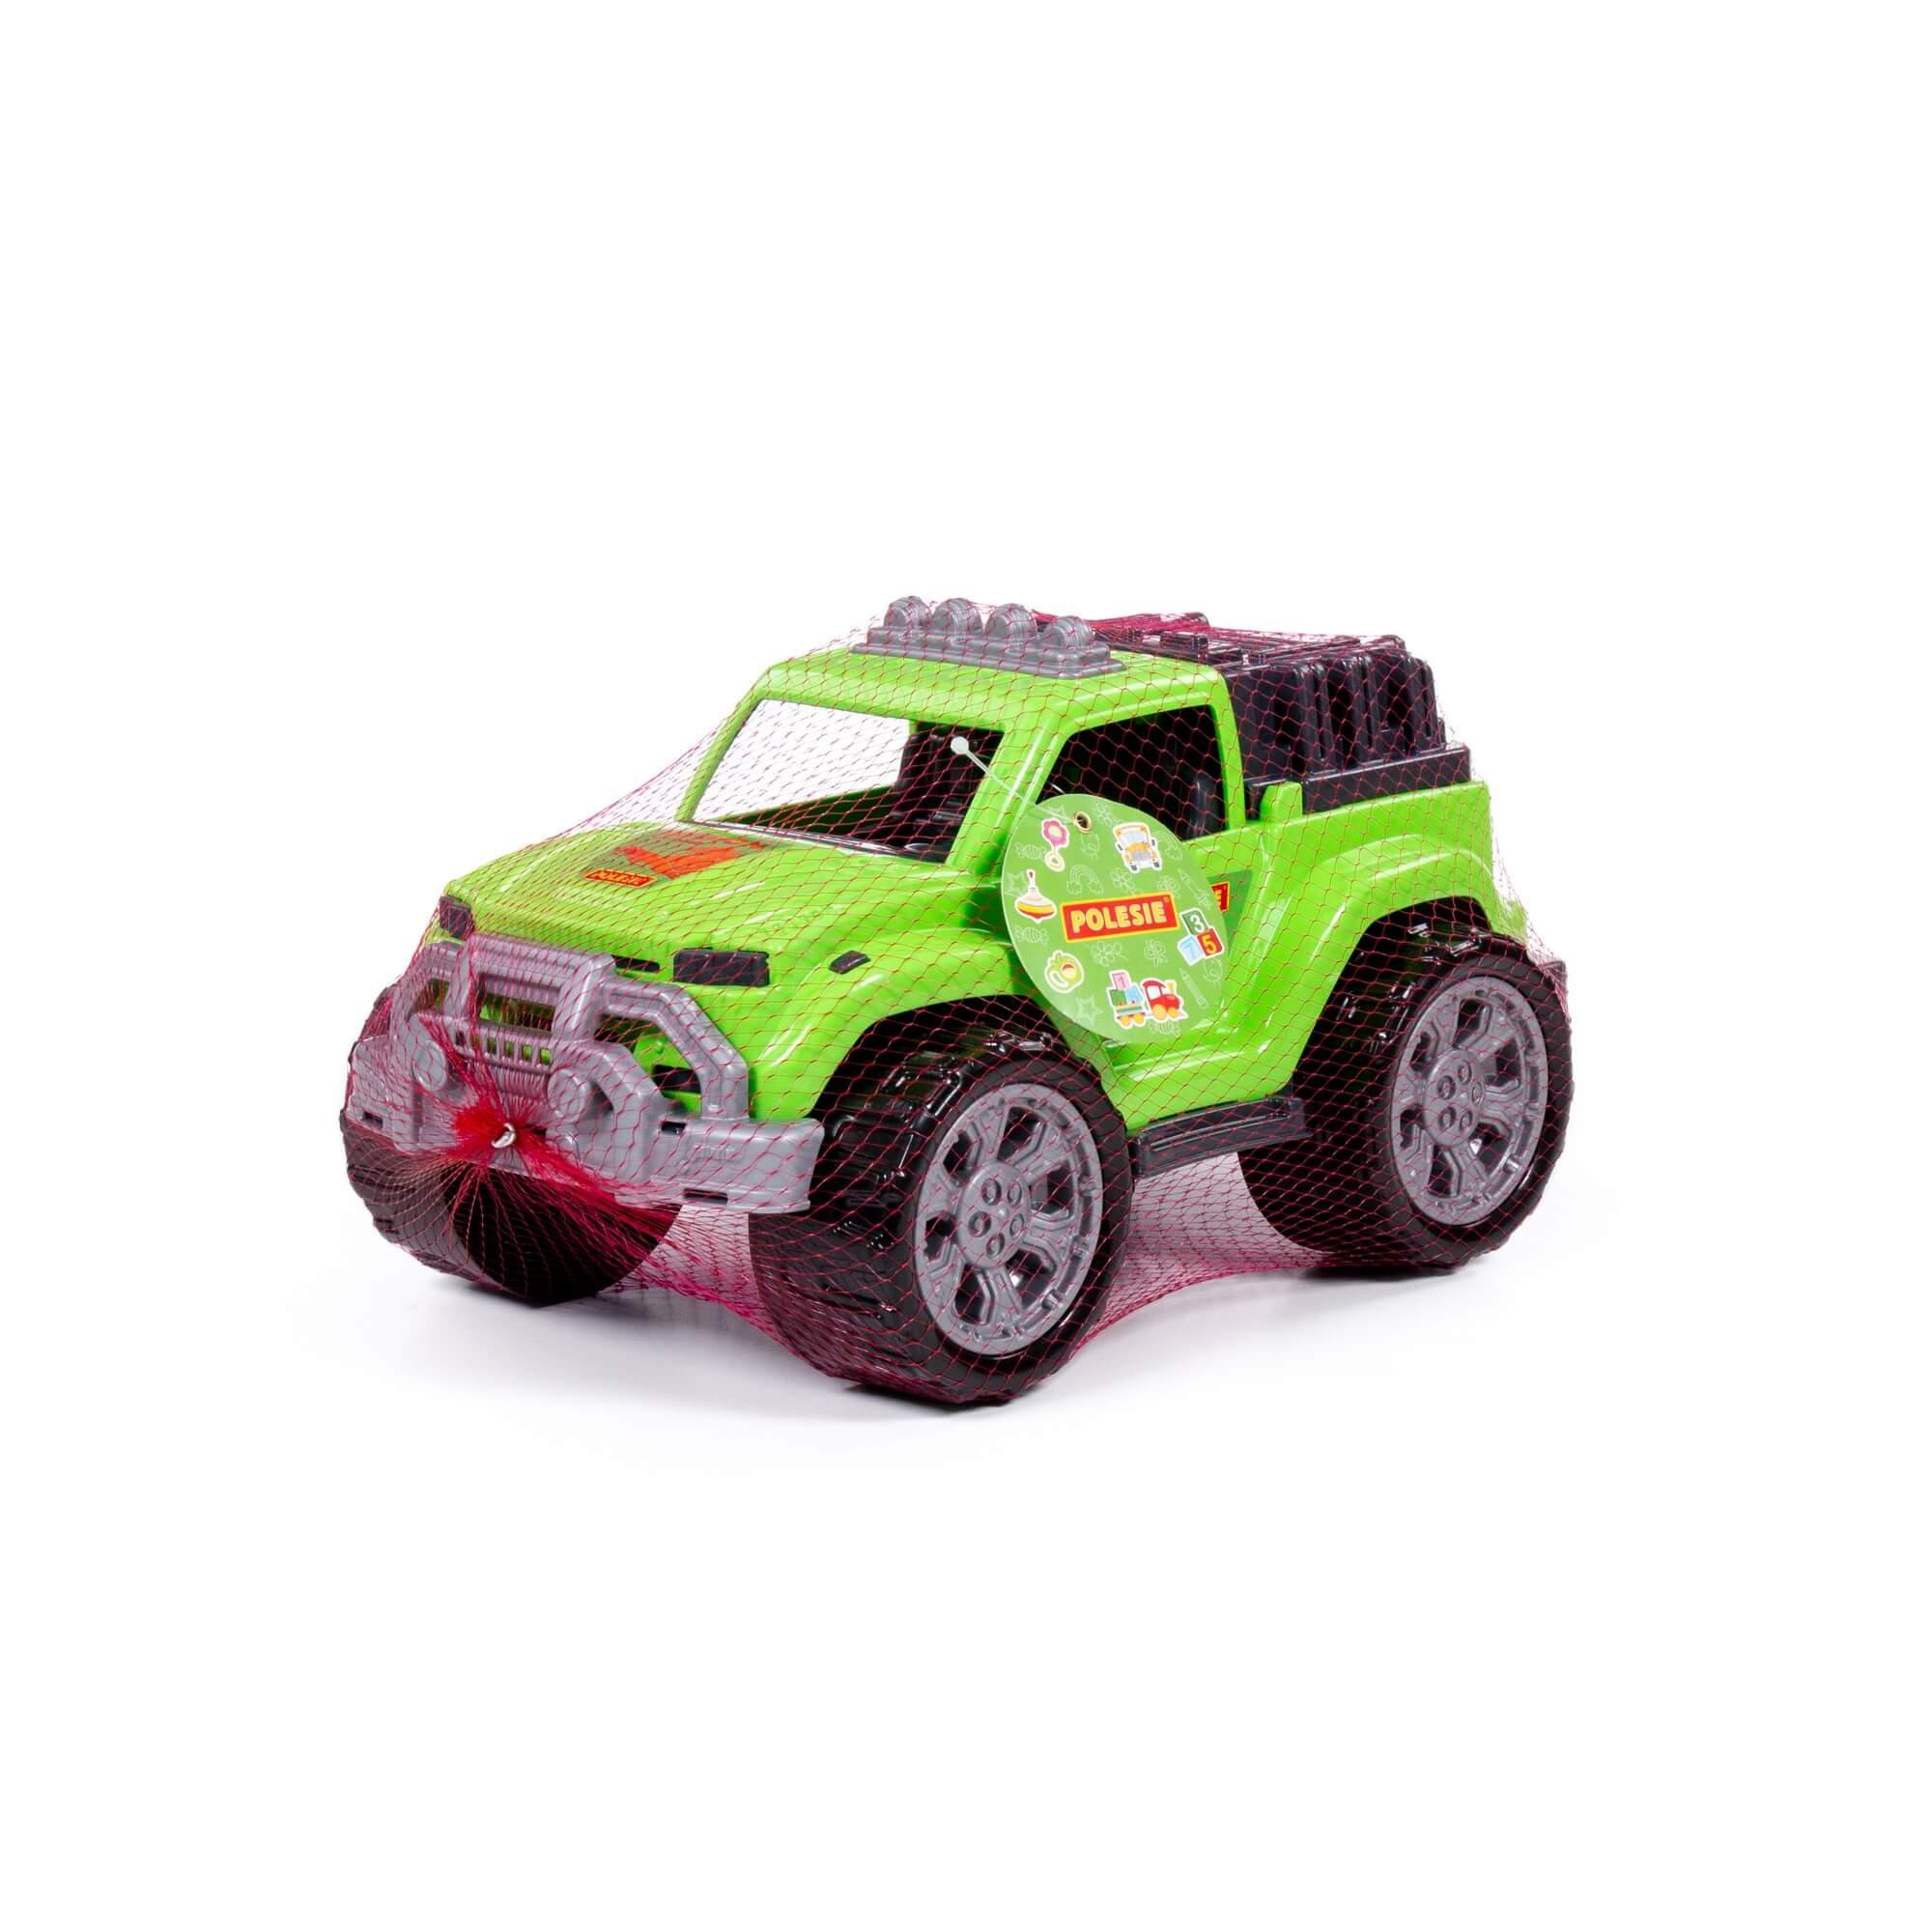 Lejyon, otomobil No:4 (yeşil) (filede) Ref. 89076 - photo #6